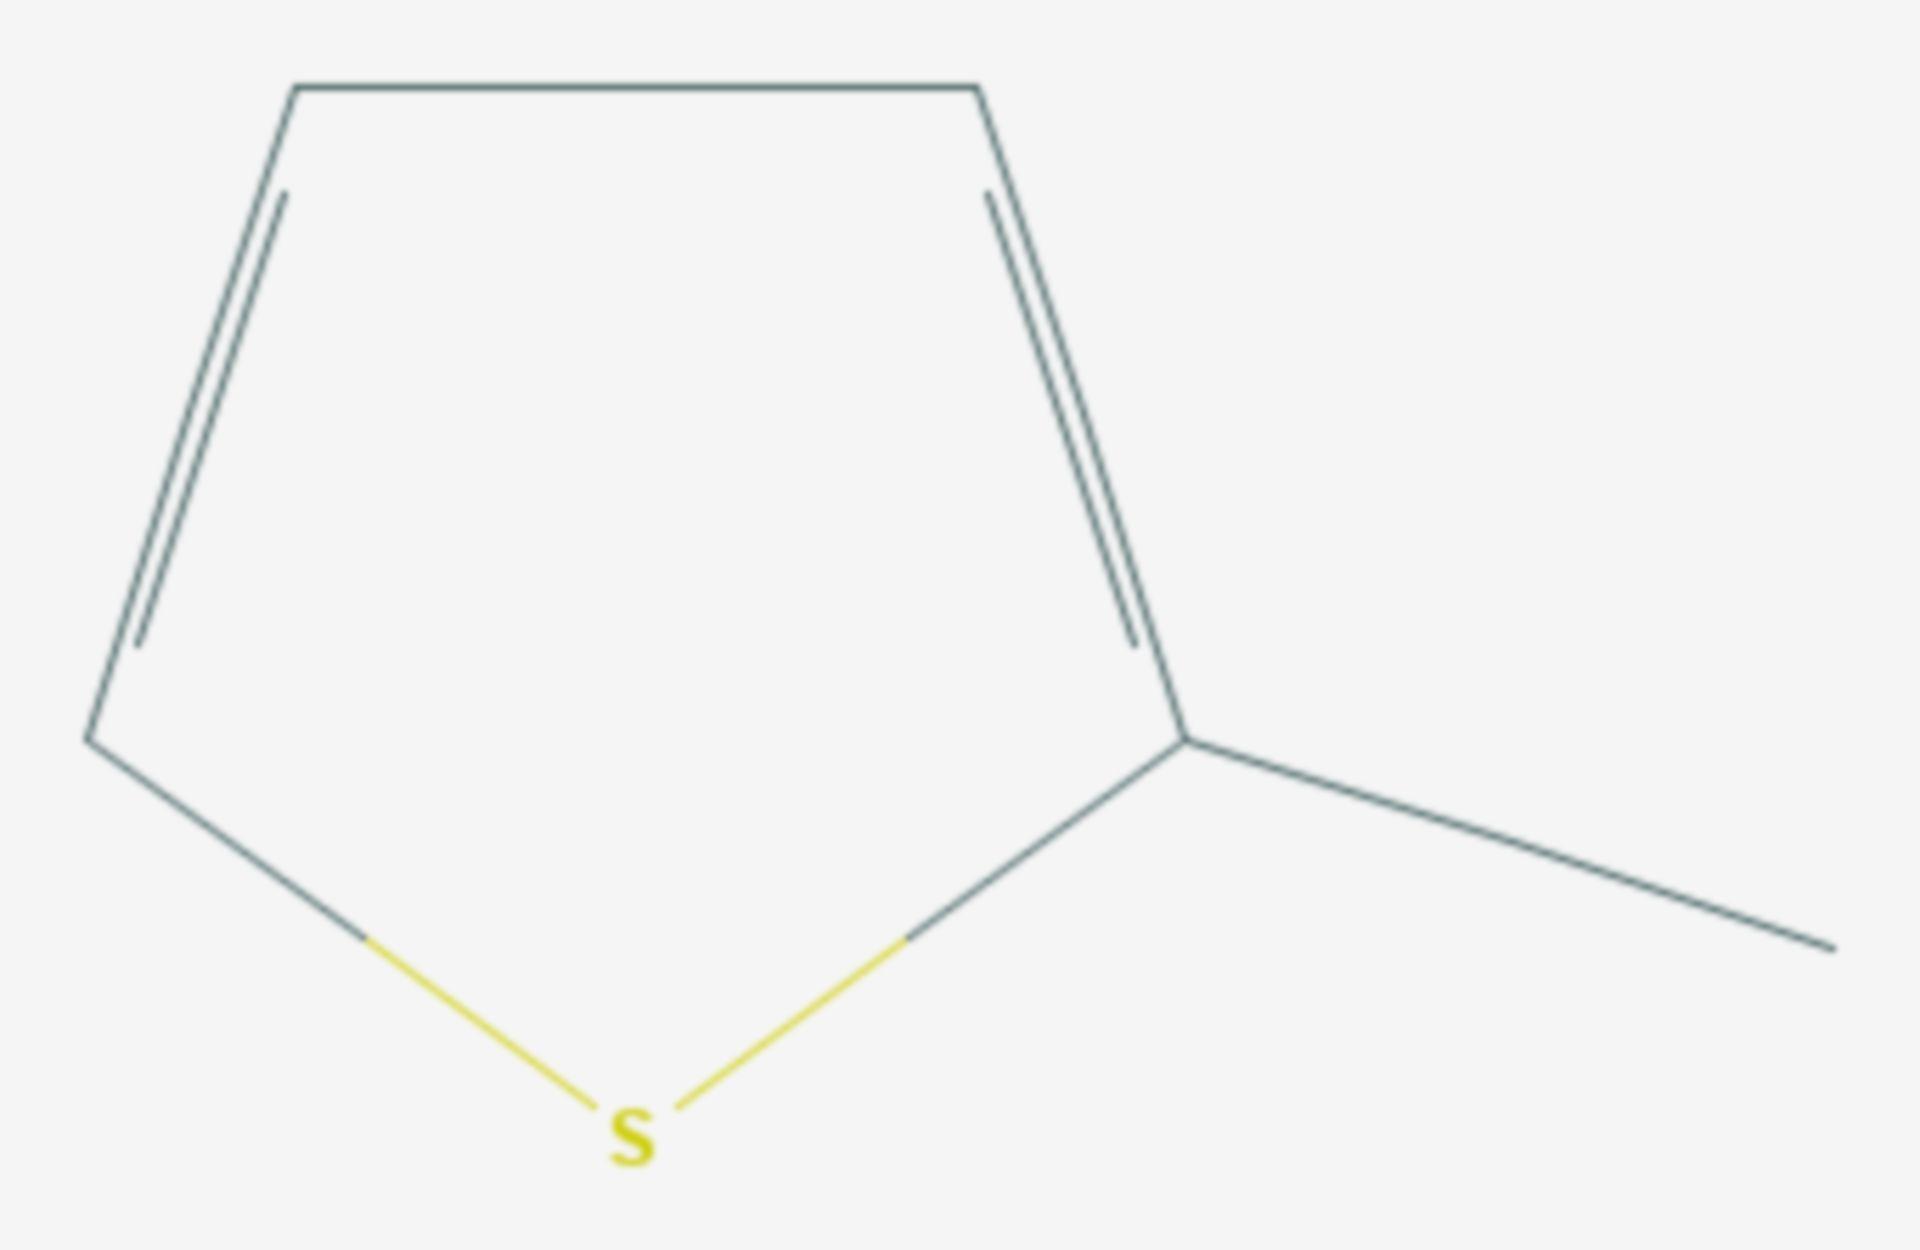 2-Methylthiophen (Strukturformel)